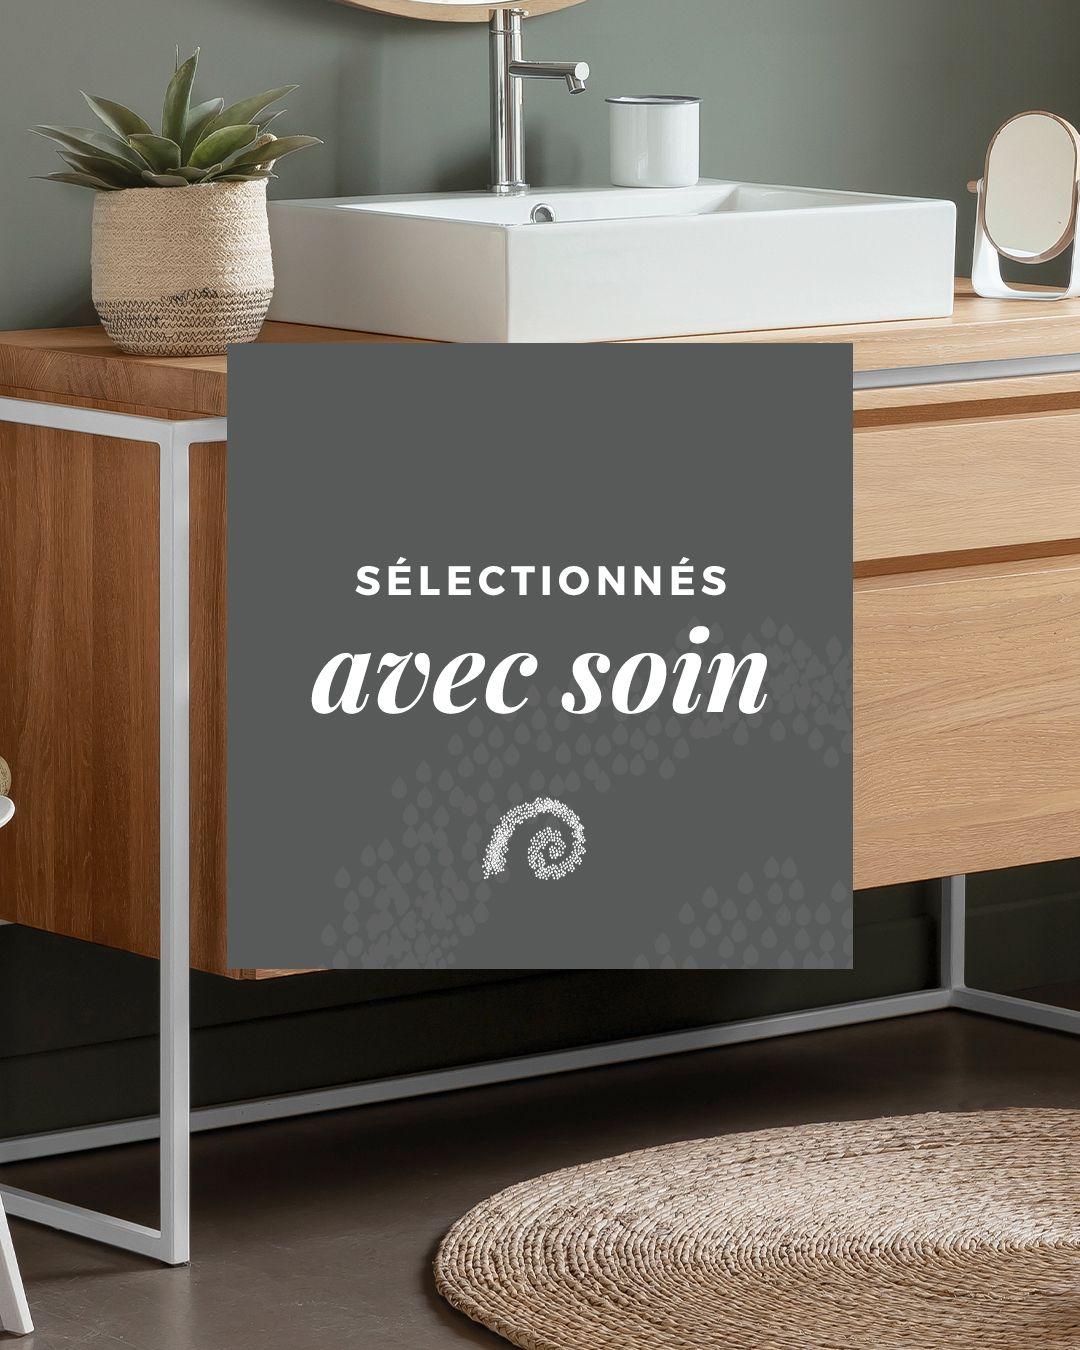 Les Collections Meubles De Salle De Bain Par Envie De Salle De Bain En 2020 Mobilier De Salon Collection De Meubles Meuble Salle De Bain